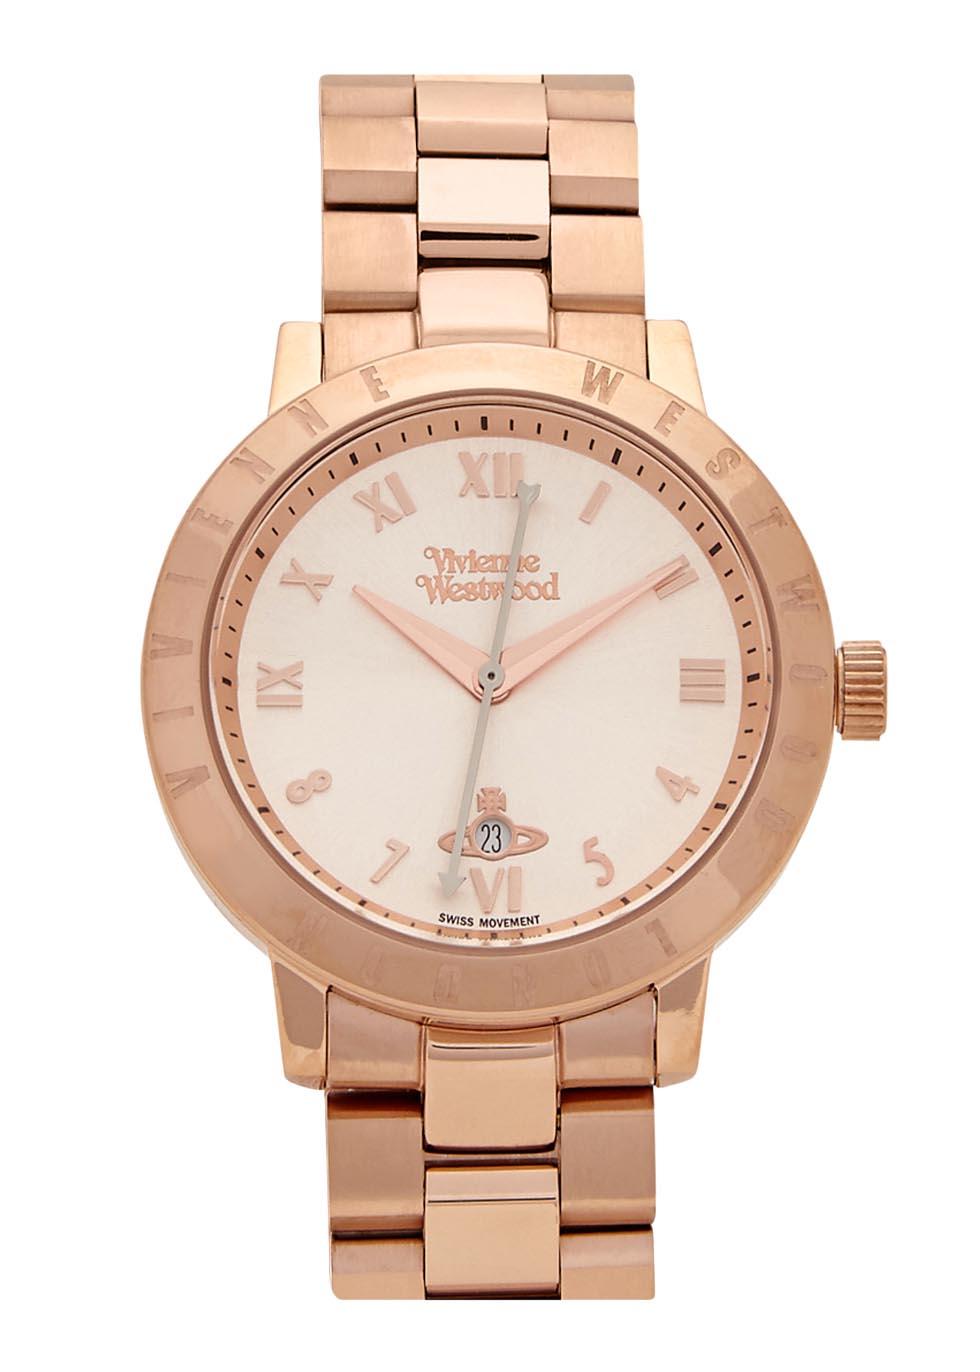 Bloomsbury rose gold tone watch - Vivienne Westwood